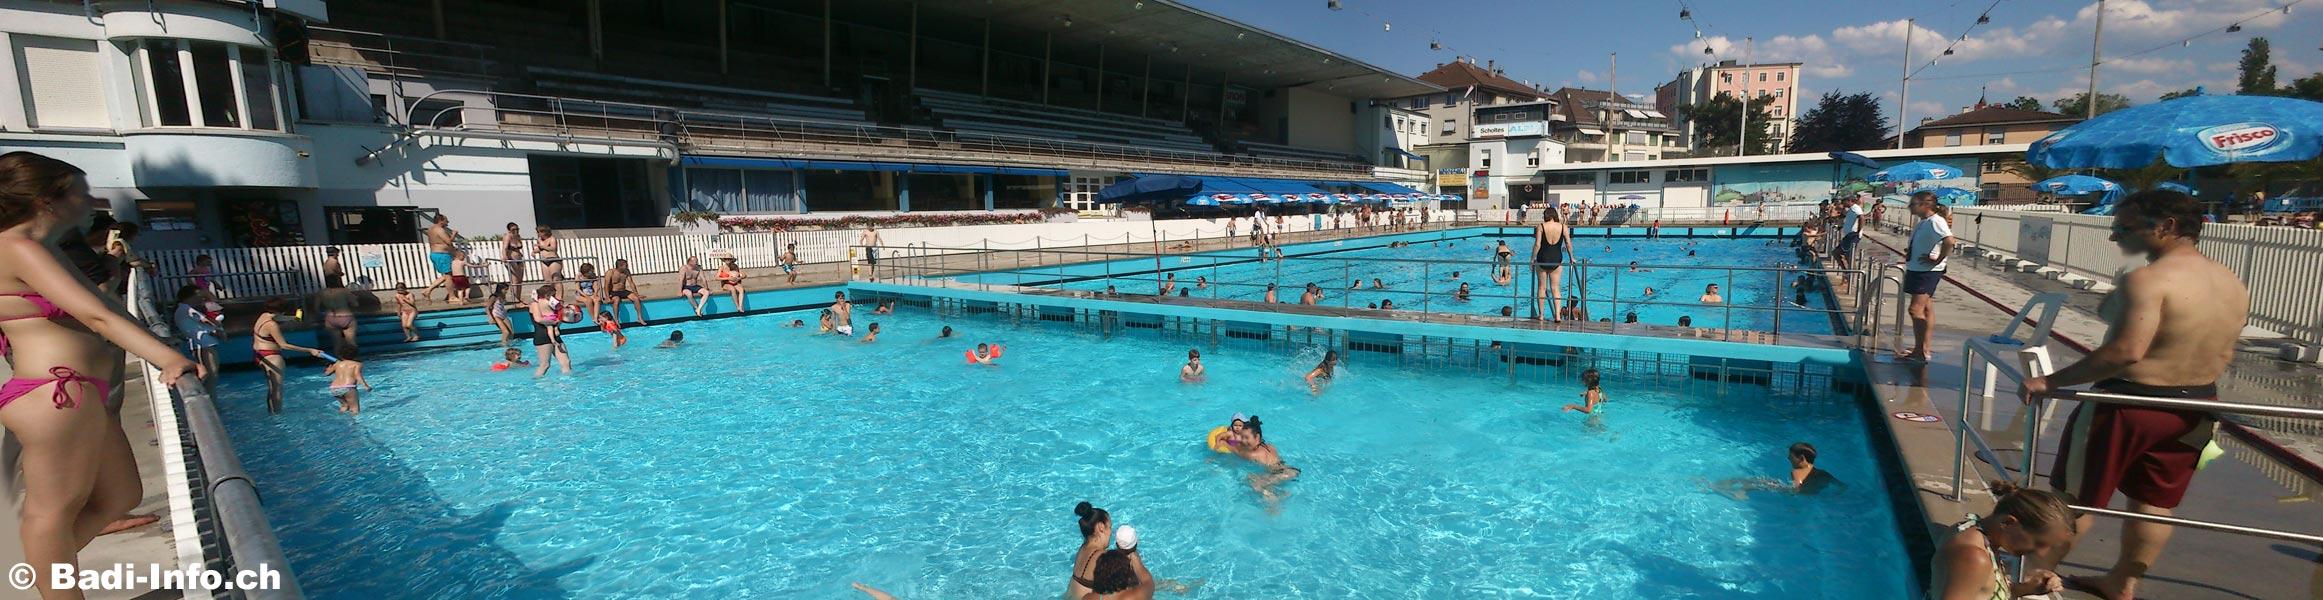 Lausanne piscine montchoisi pataugeoire for Piscine lausanne